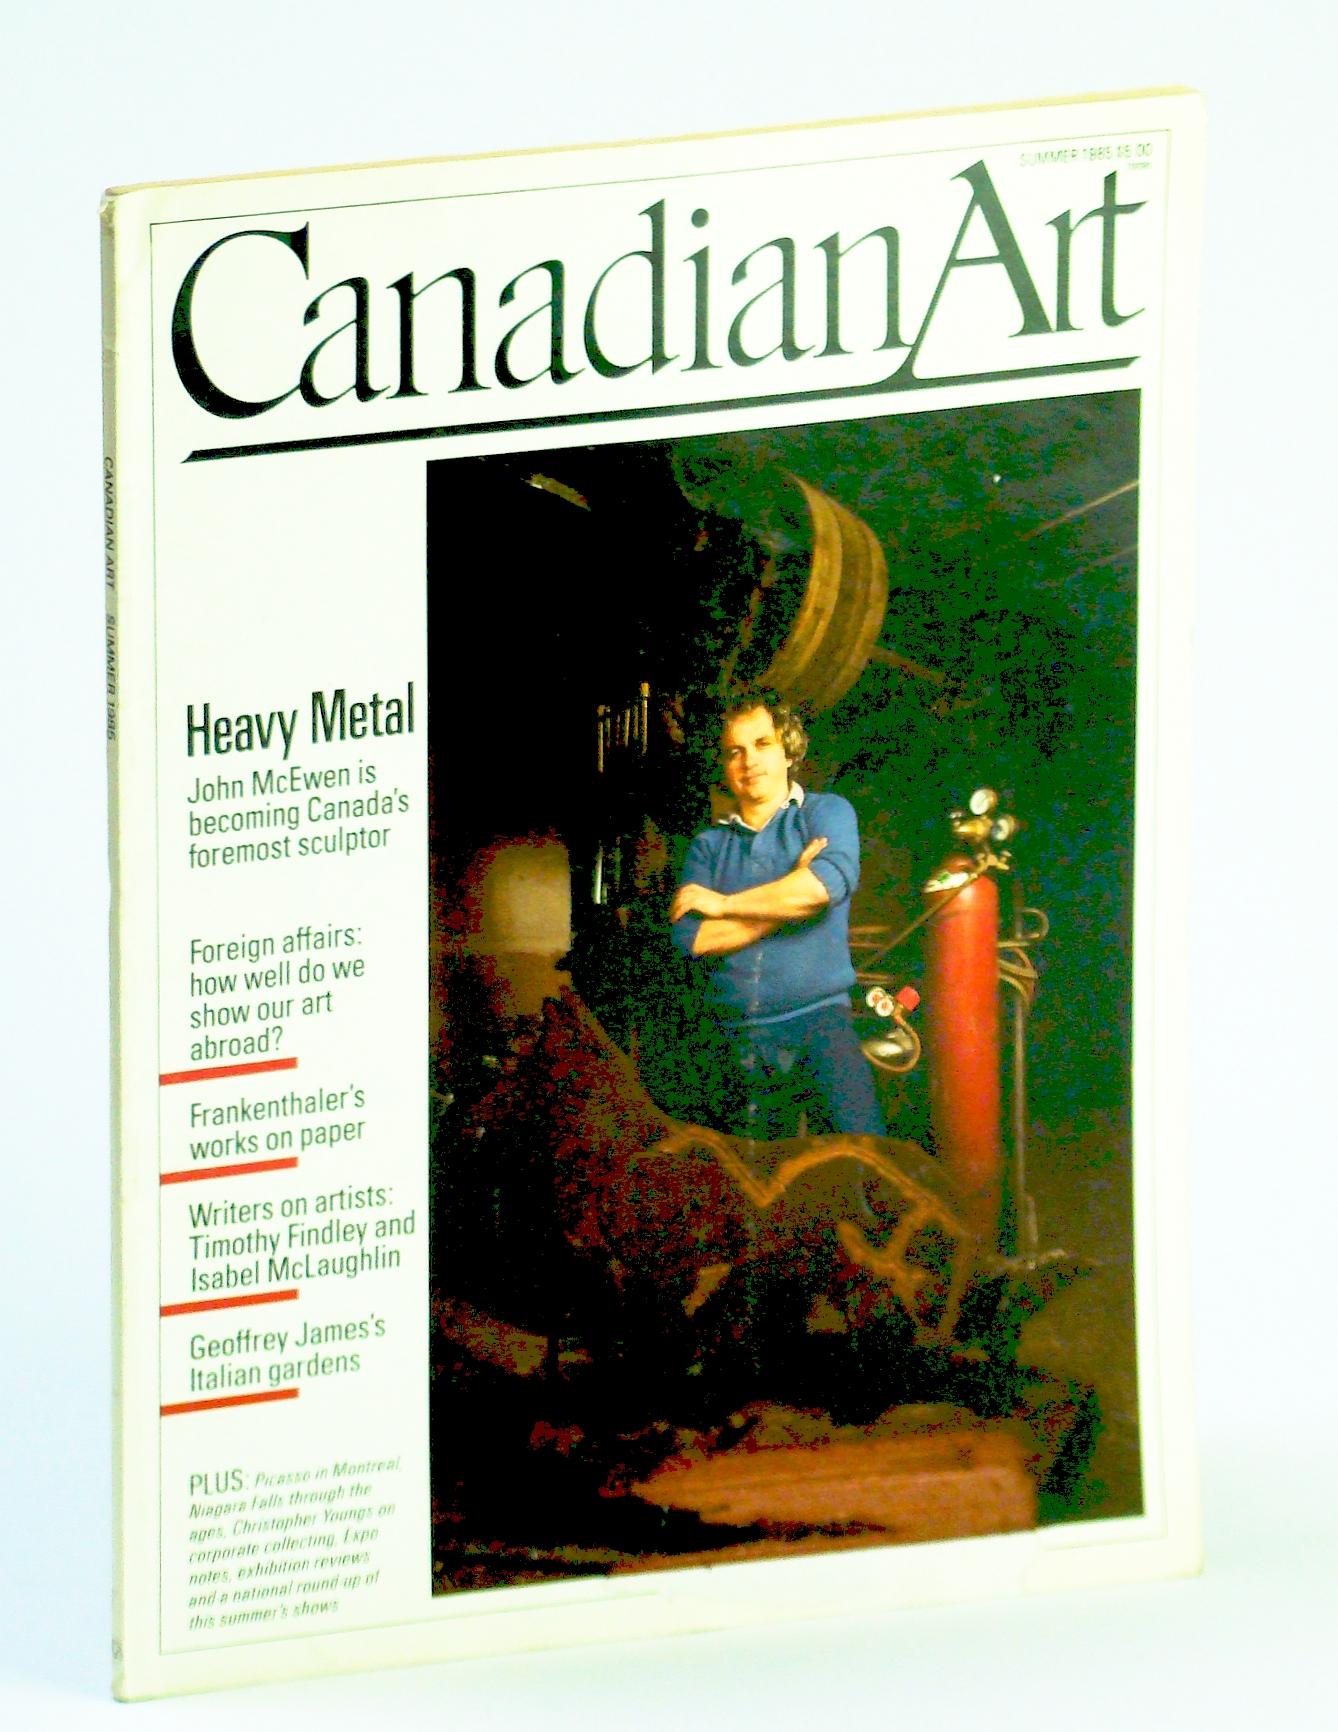 Image for Canadian Art (Magazine), Summer / June 1985, Volume 2, Number 2: Sculptor John McEwen